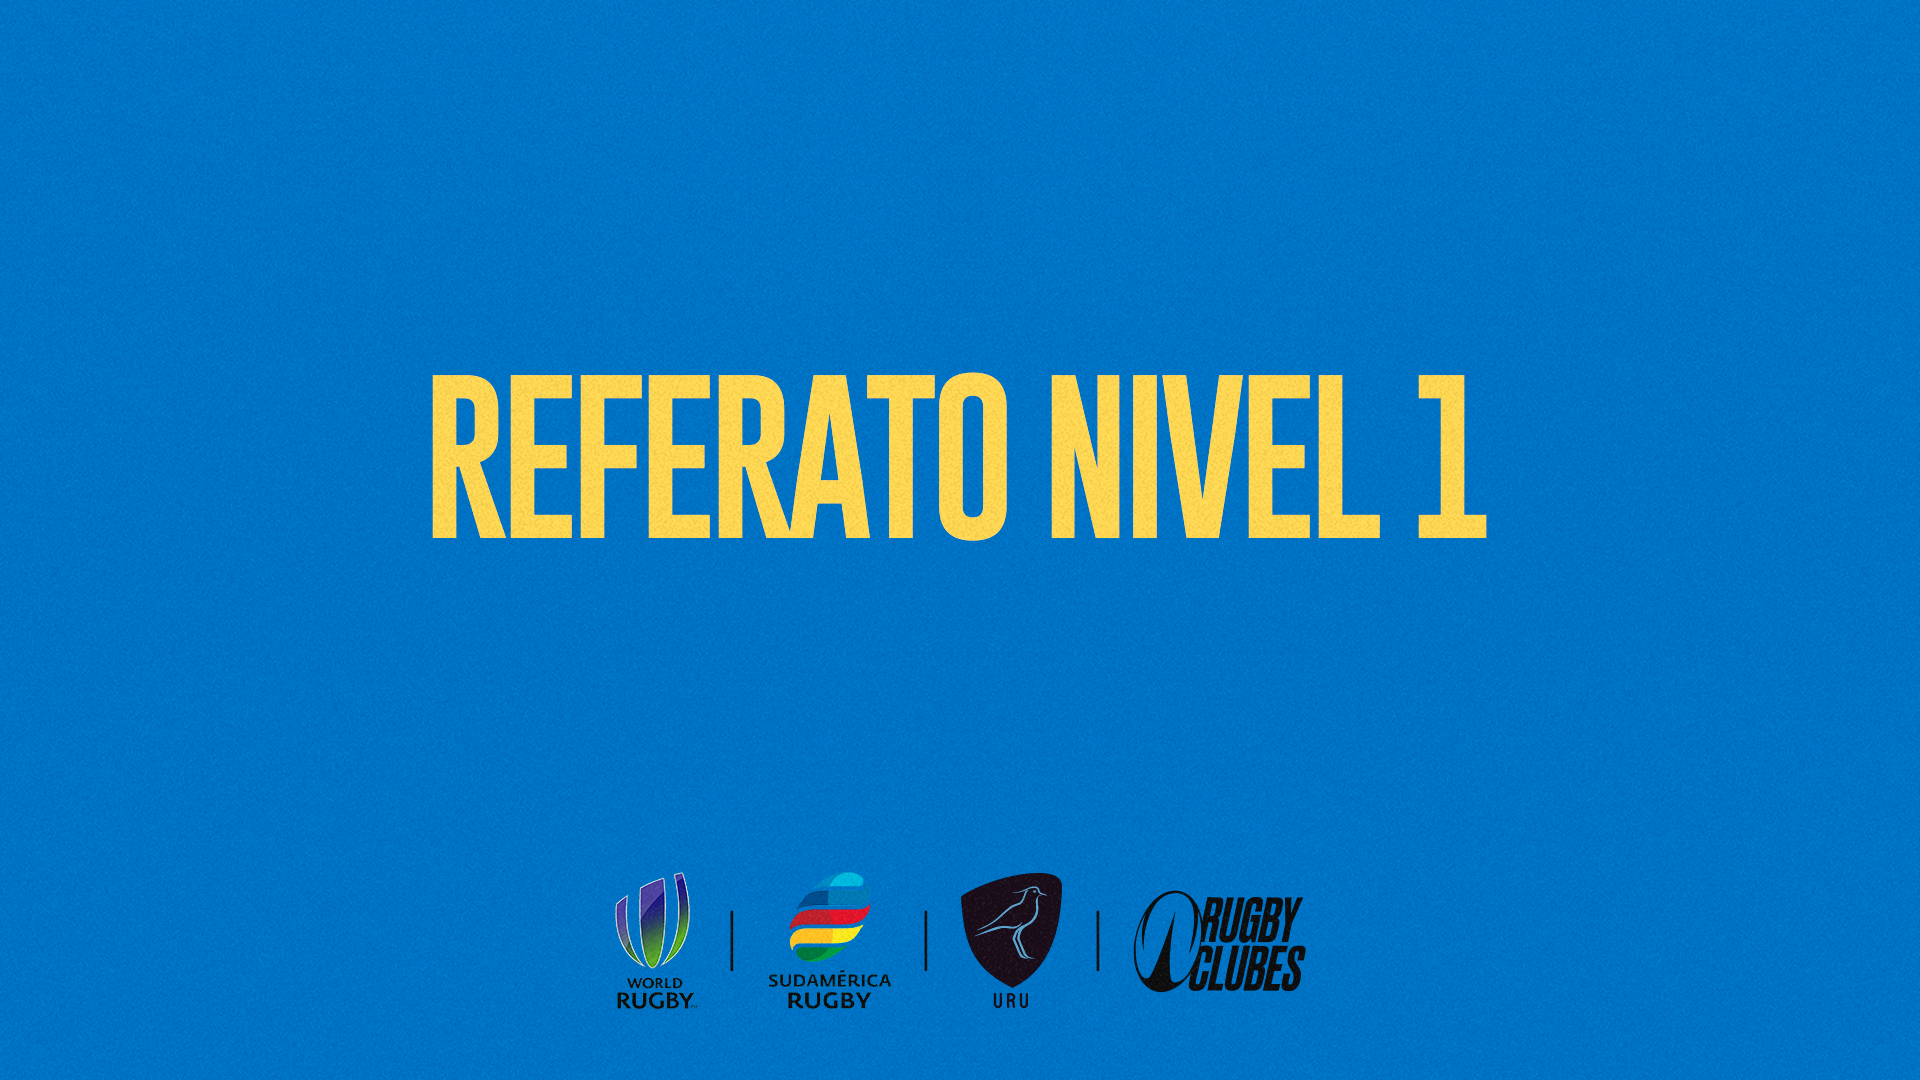 Referato Nivel 1